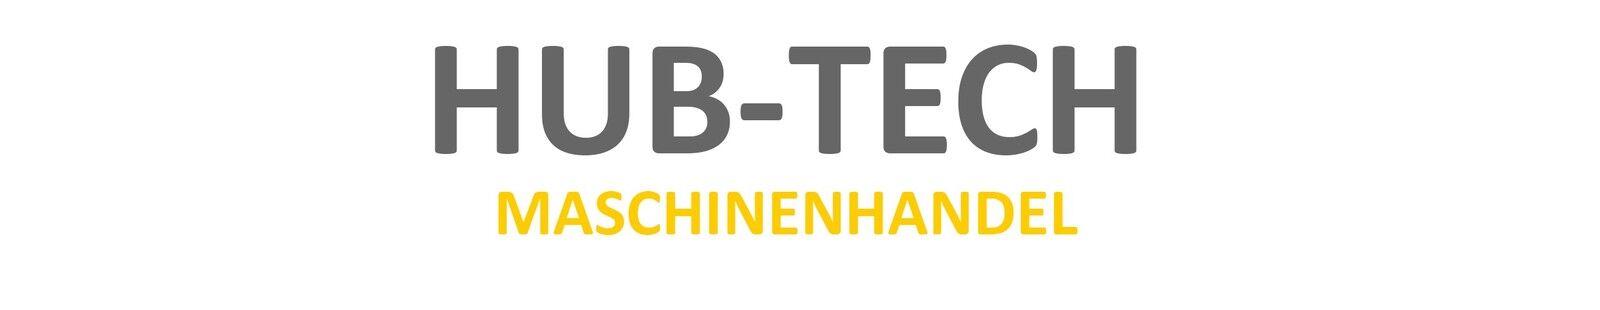 Hub-Tech Maschinenhandel